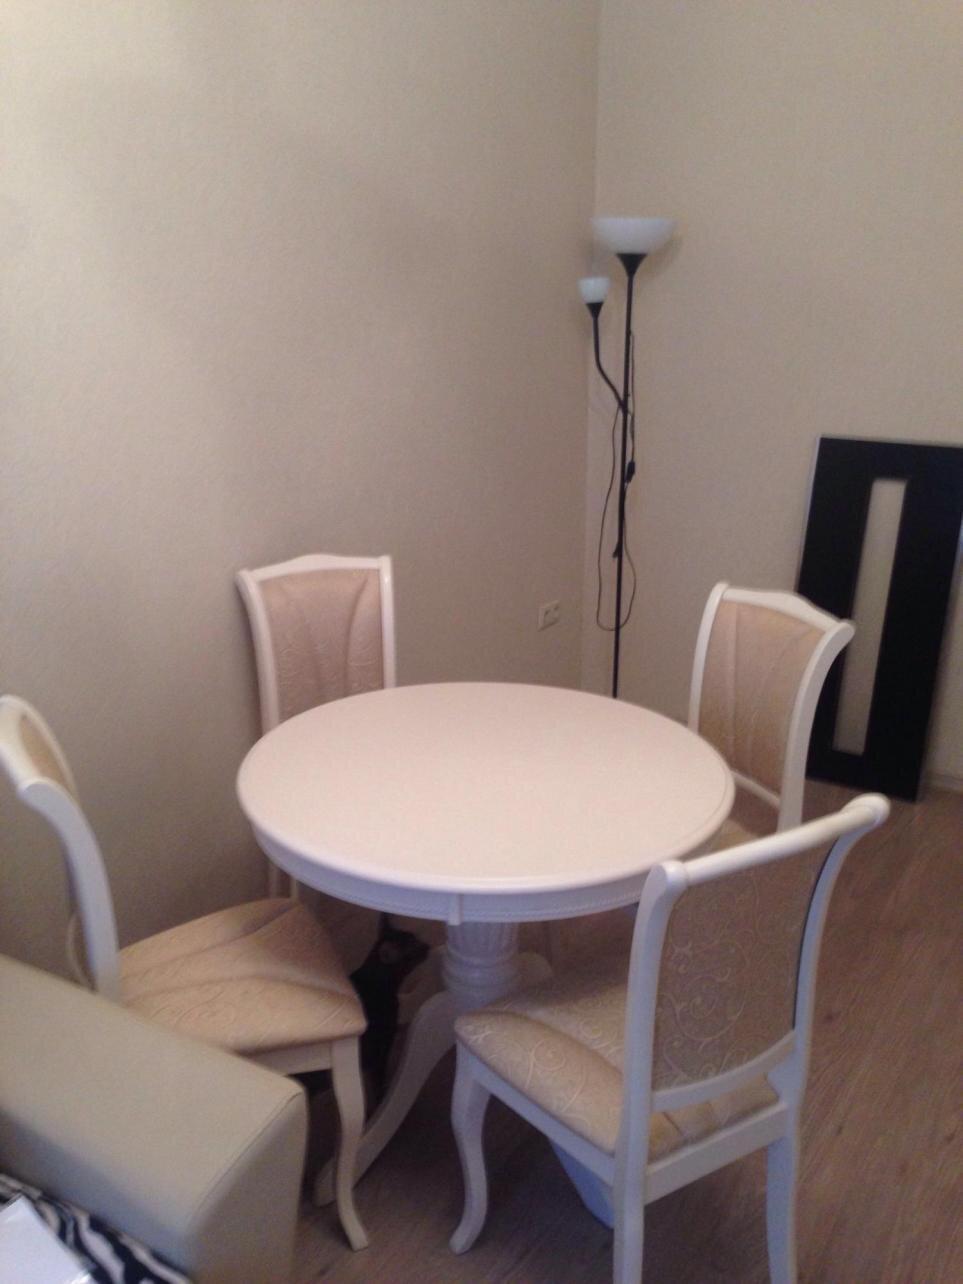 Классический обеденный набор стол и 4 стула - фото pic_0d55147eca738b47fe1a914e7f04f53b_1920x9000_1.jpg